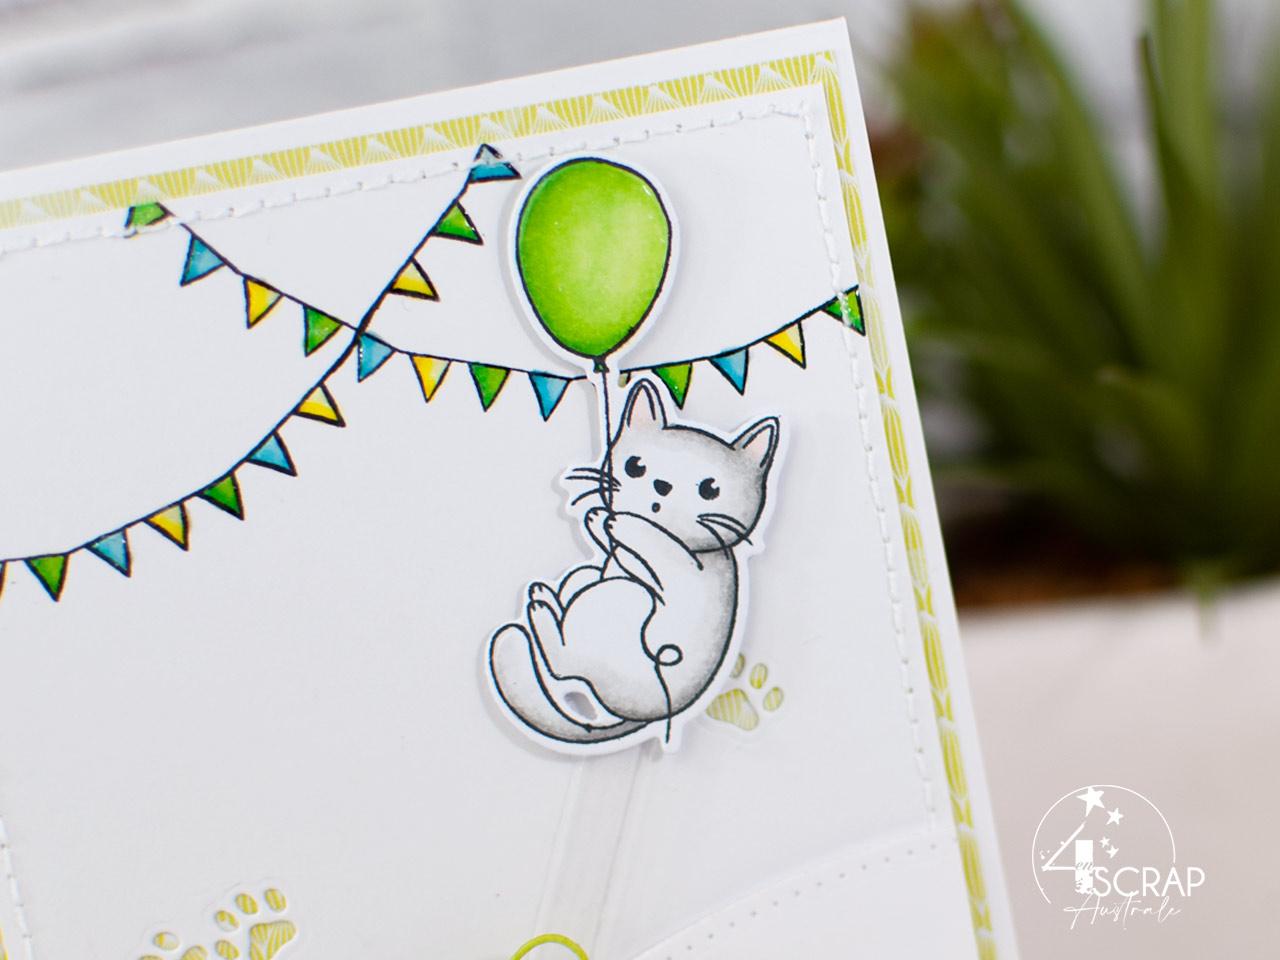 Création d'une carte à tirer pour anniversaire avec des petits chats qui font la fête.